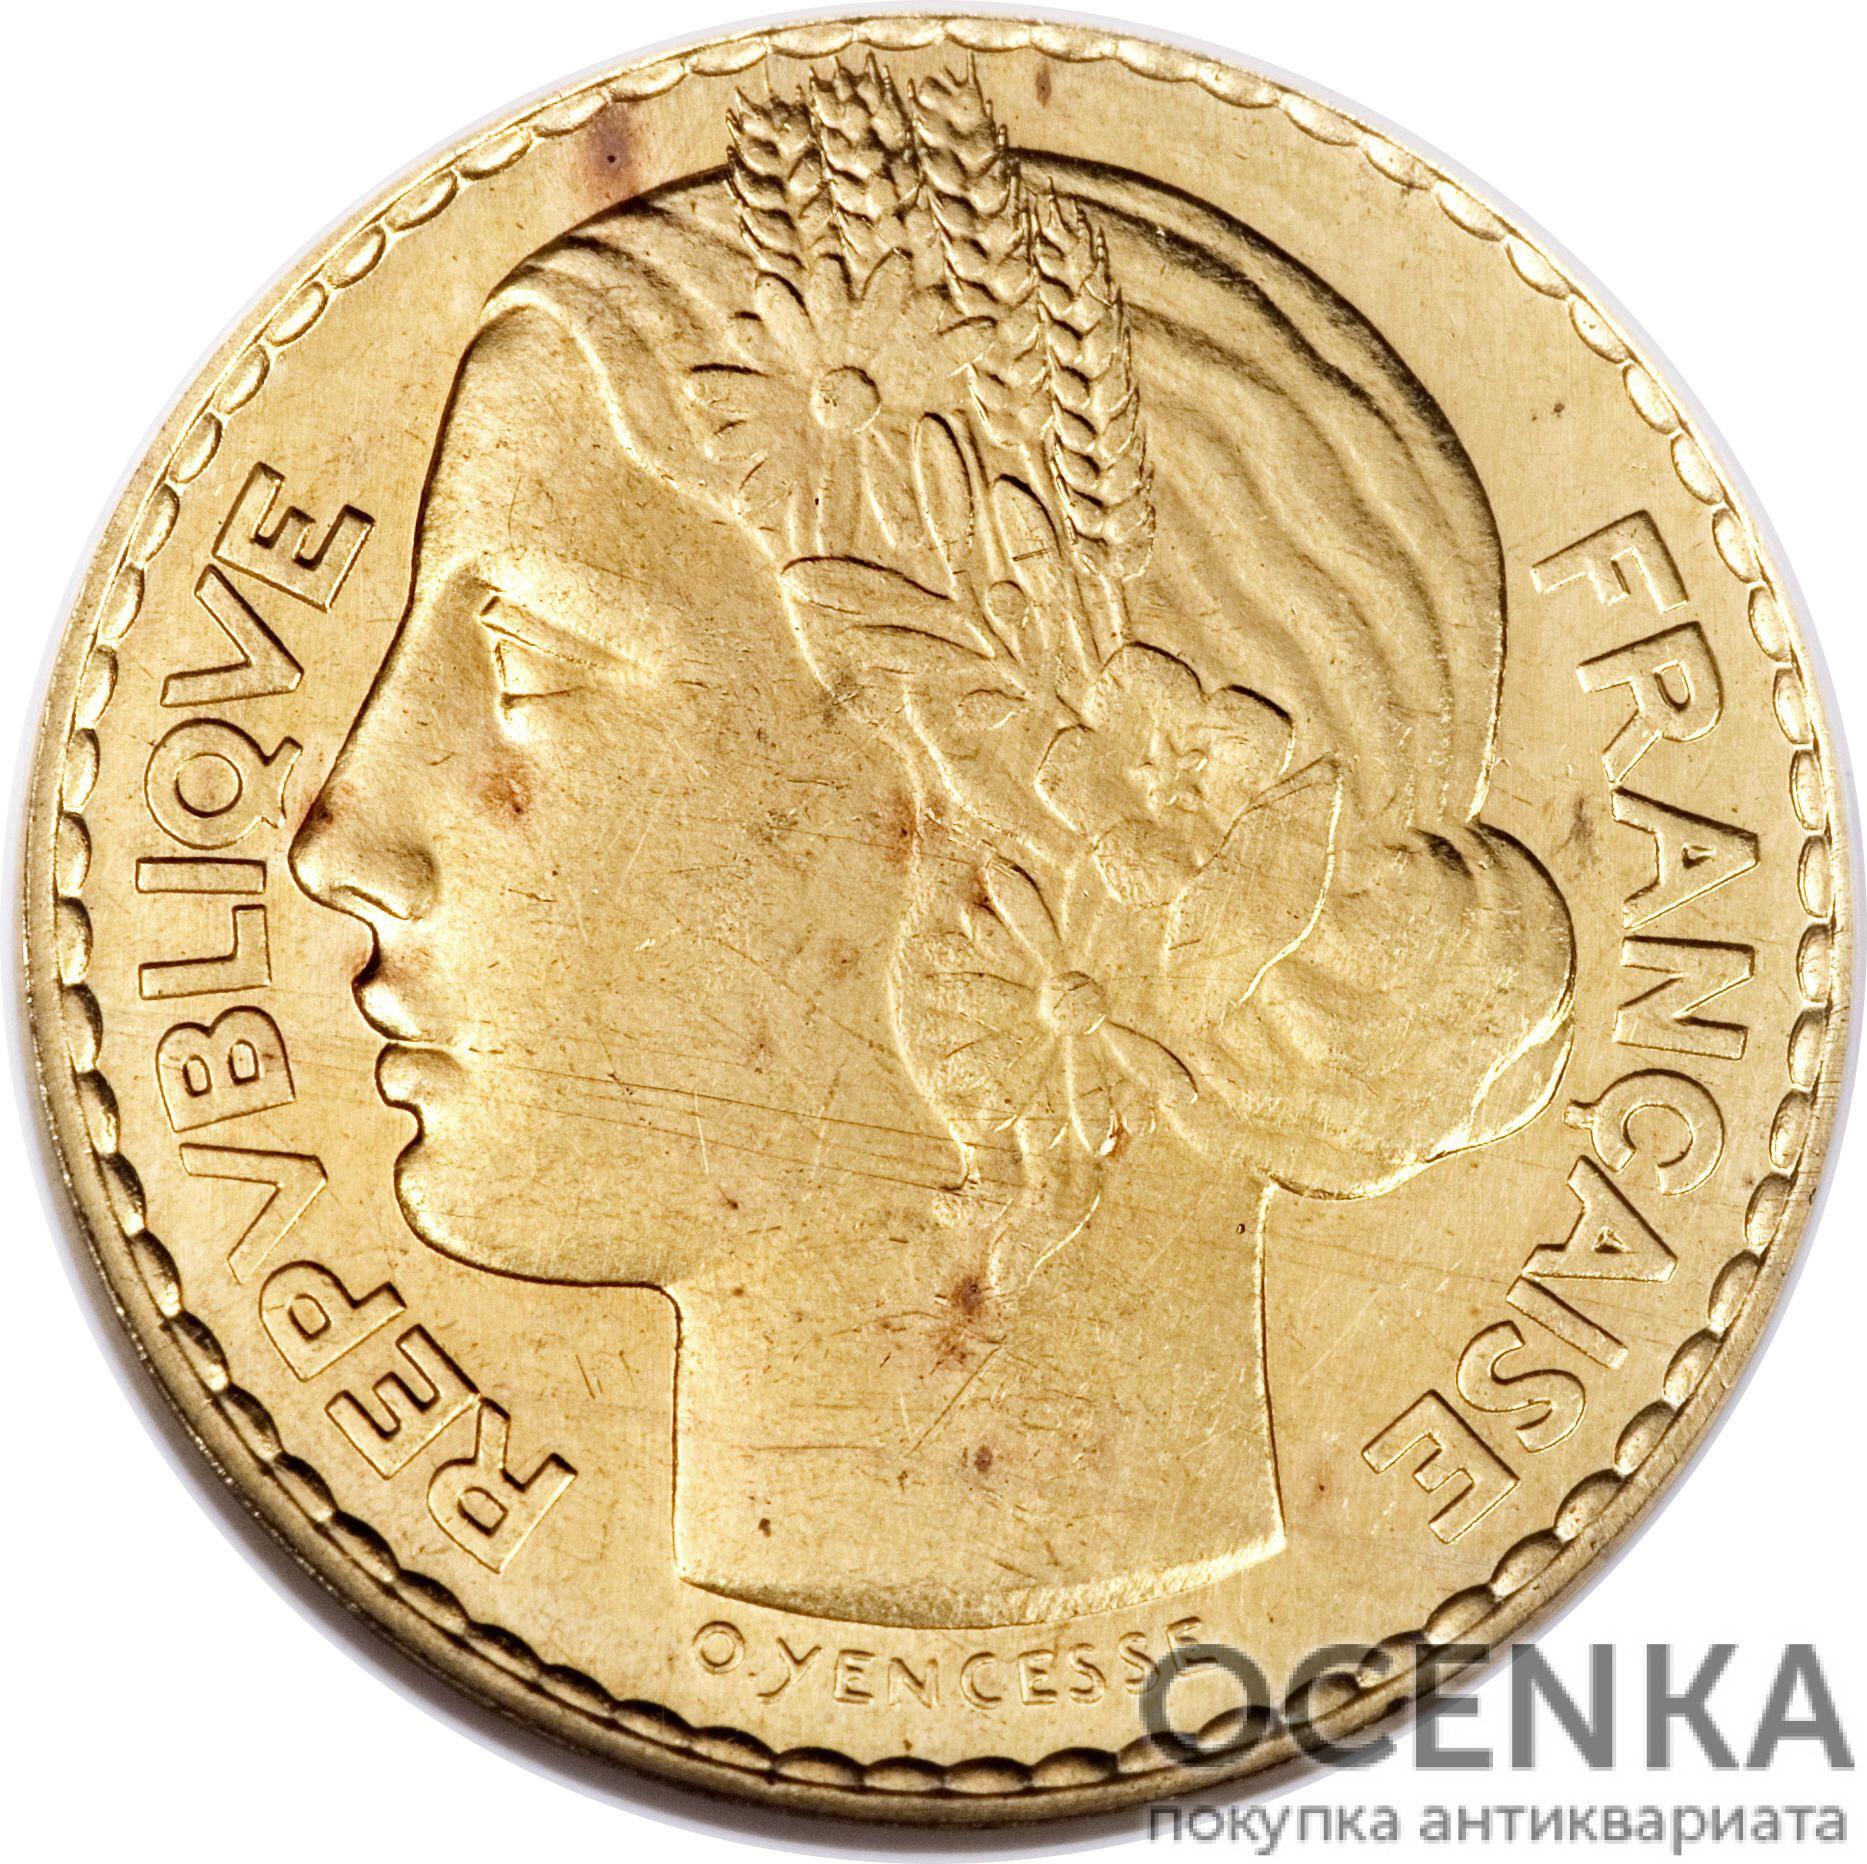 Золотая монета 100 Франков (100 Francs) Франция - 9